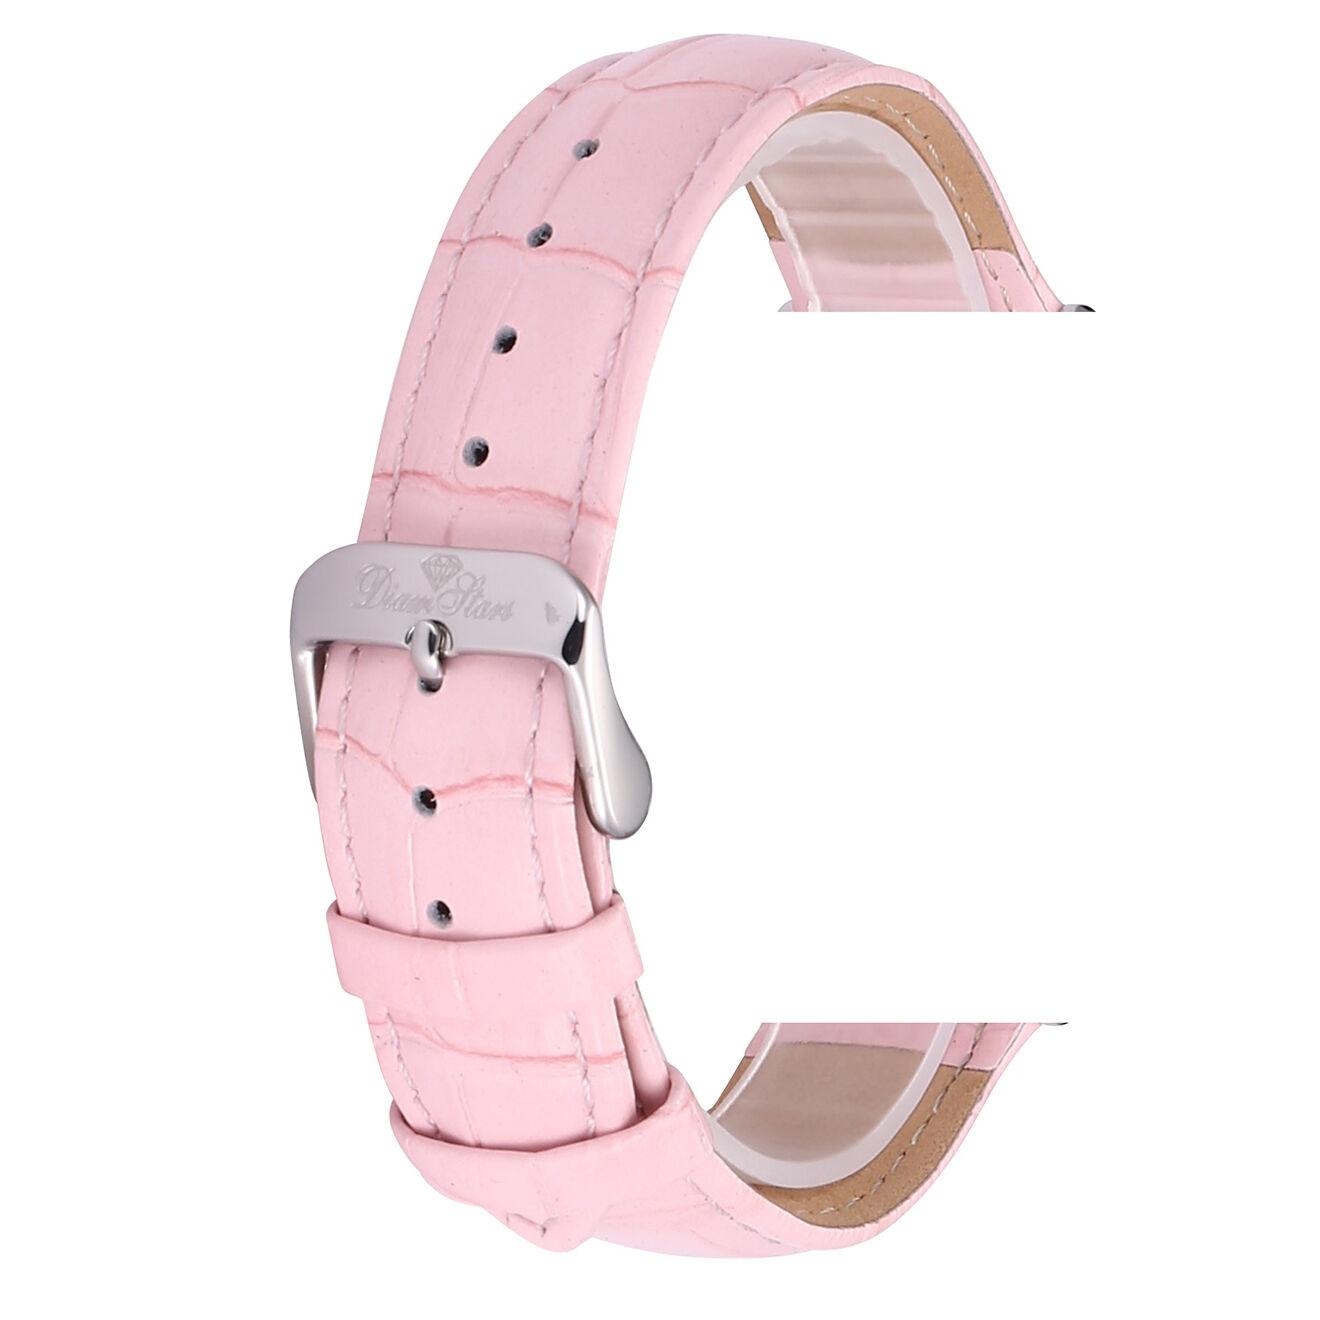 Bracelet en Cuir rose - compatible avec Montre Ya8 et Majestic